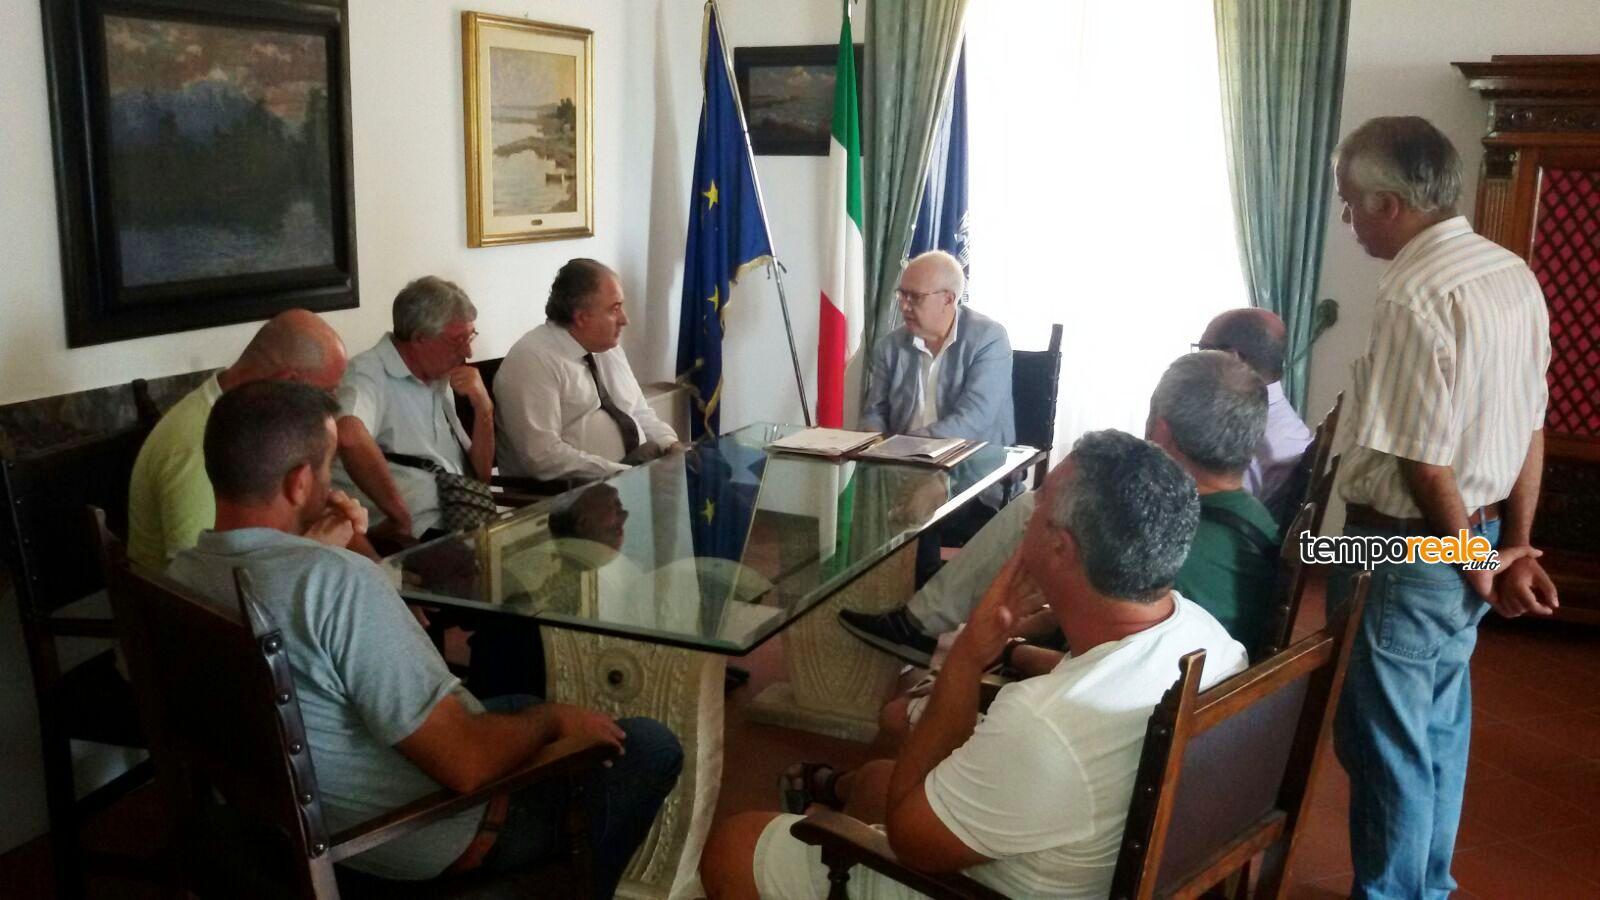 2016_07_28 foto incontro con sindaco di formia